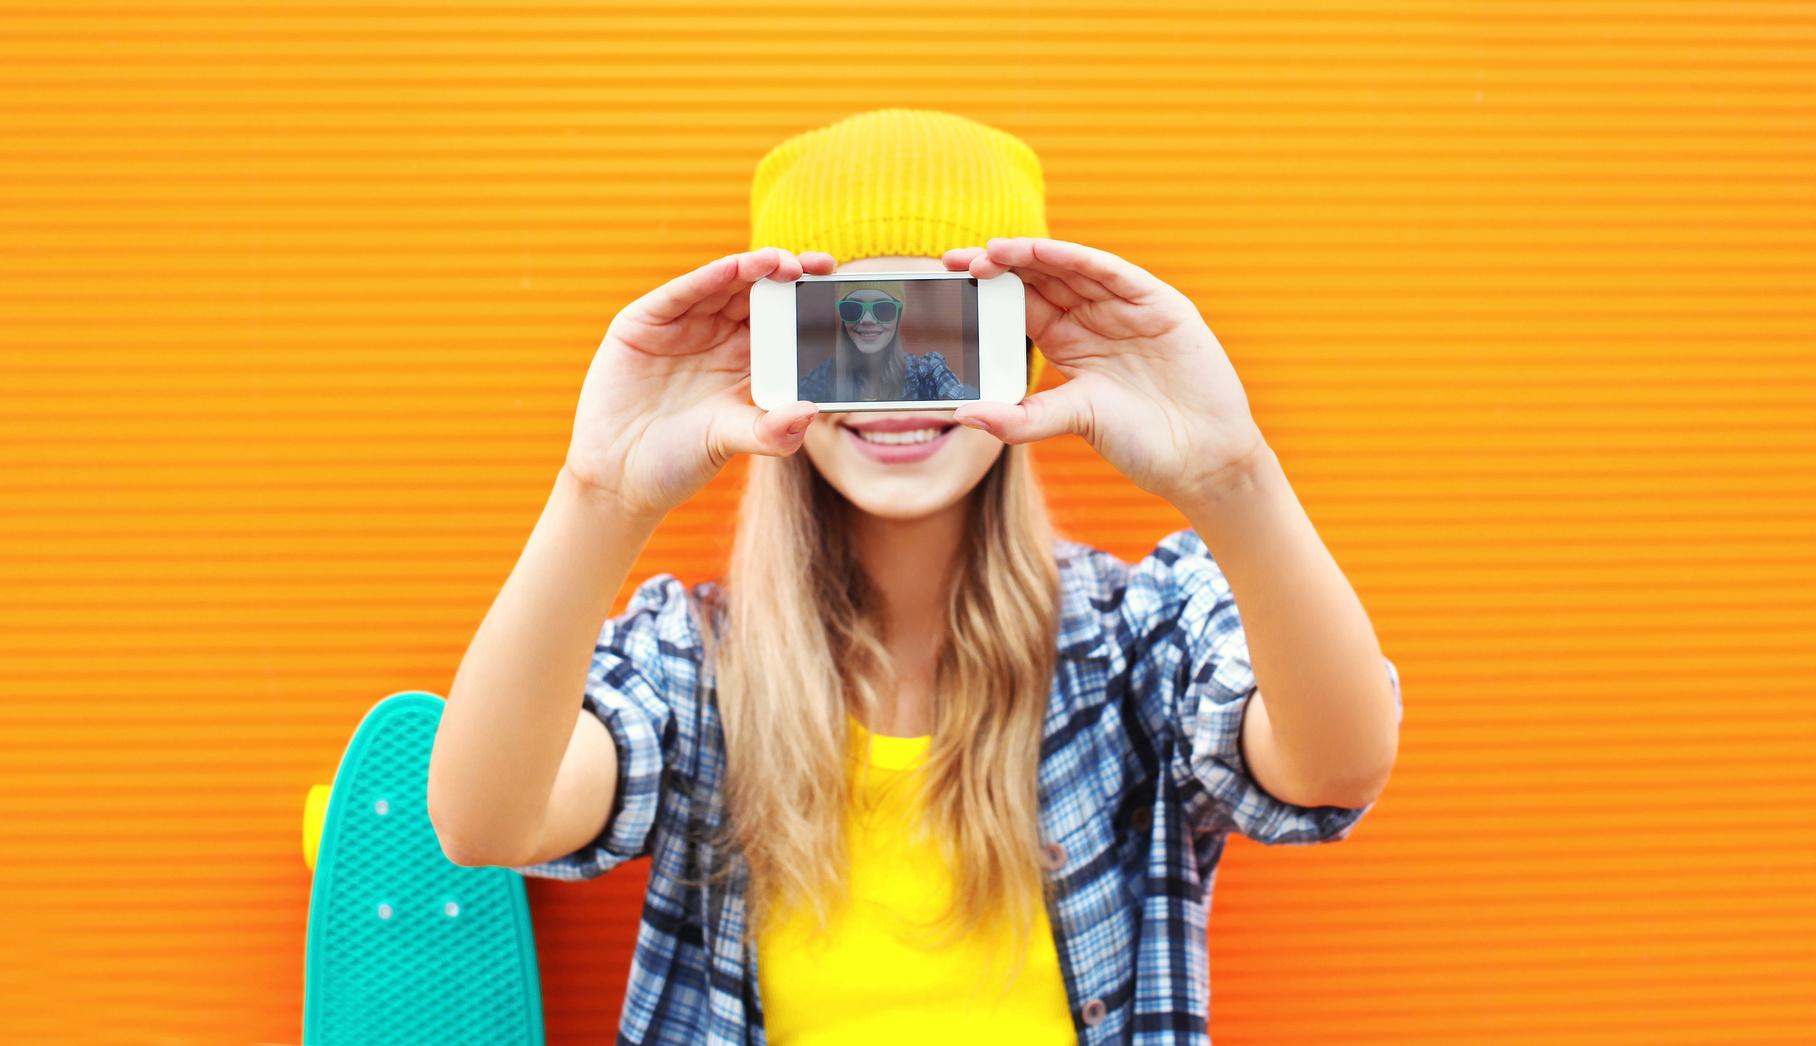 Junge Frau nimmt dem Smartphone ein Selfie auf